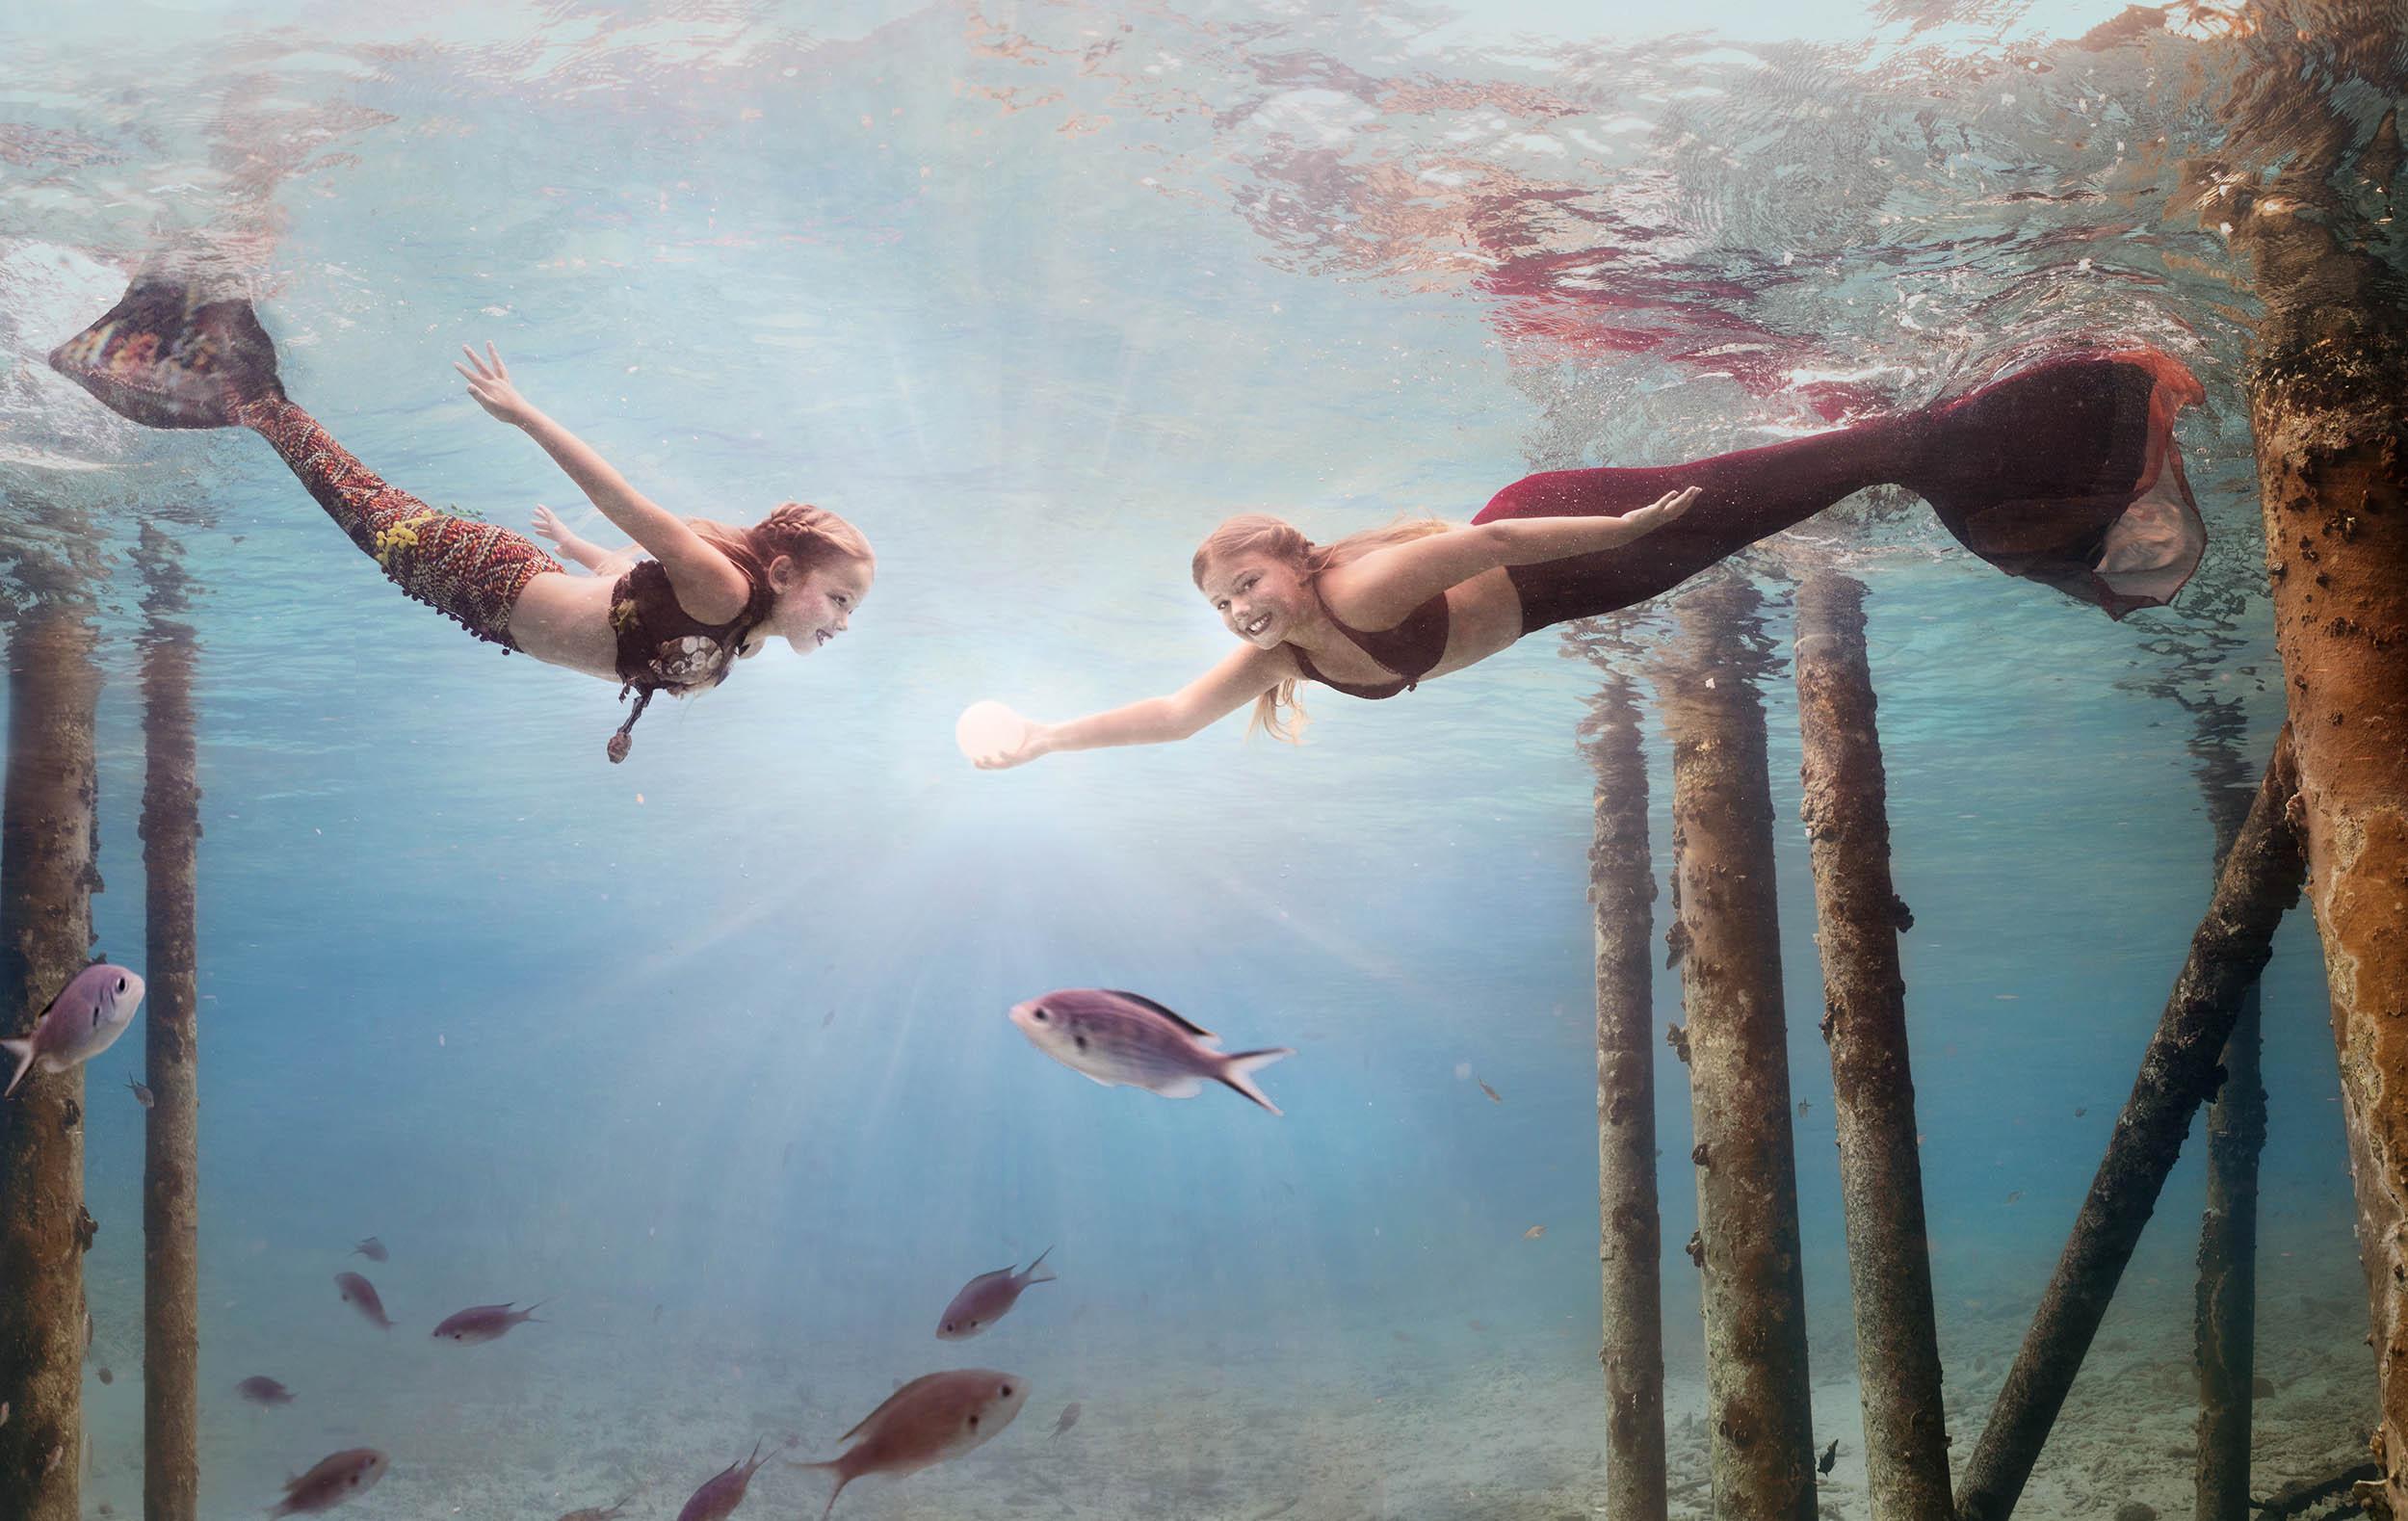 bonaire zeemeermin onderwater